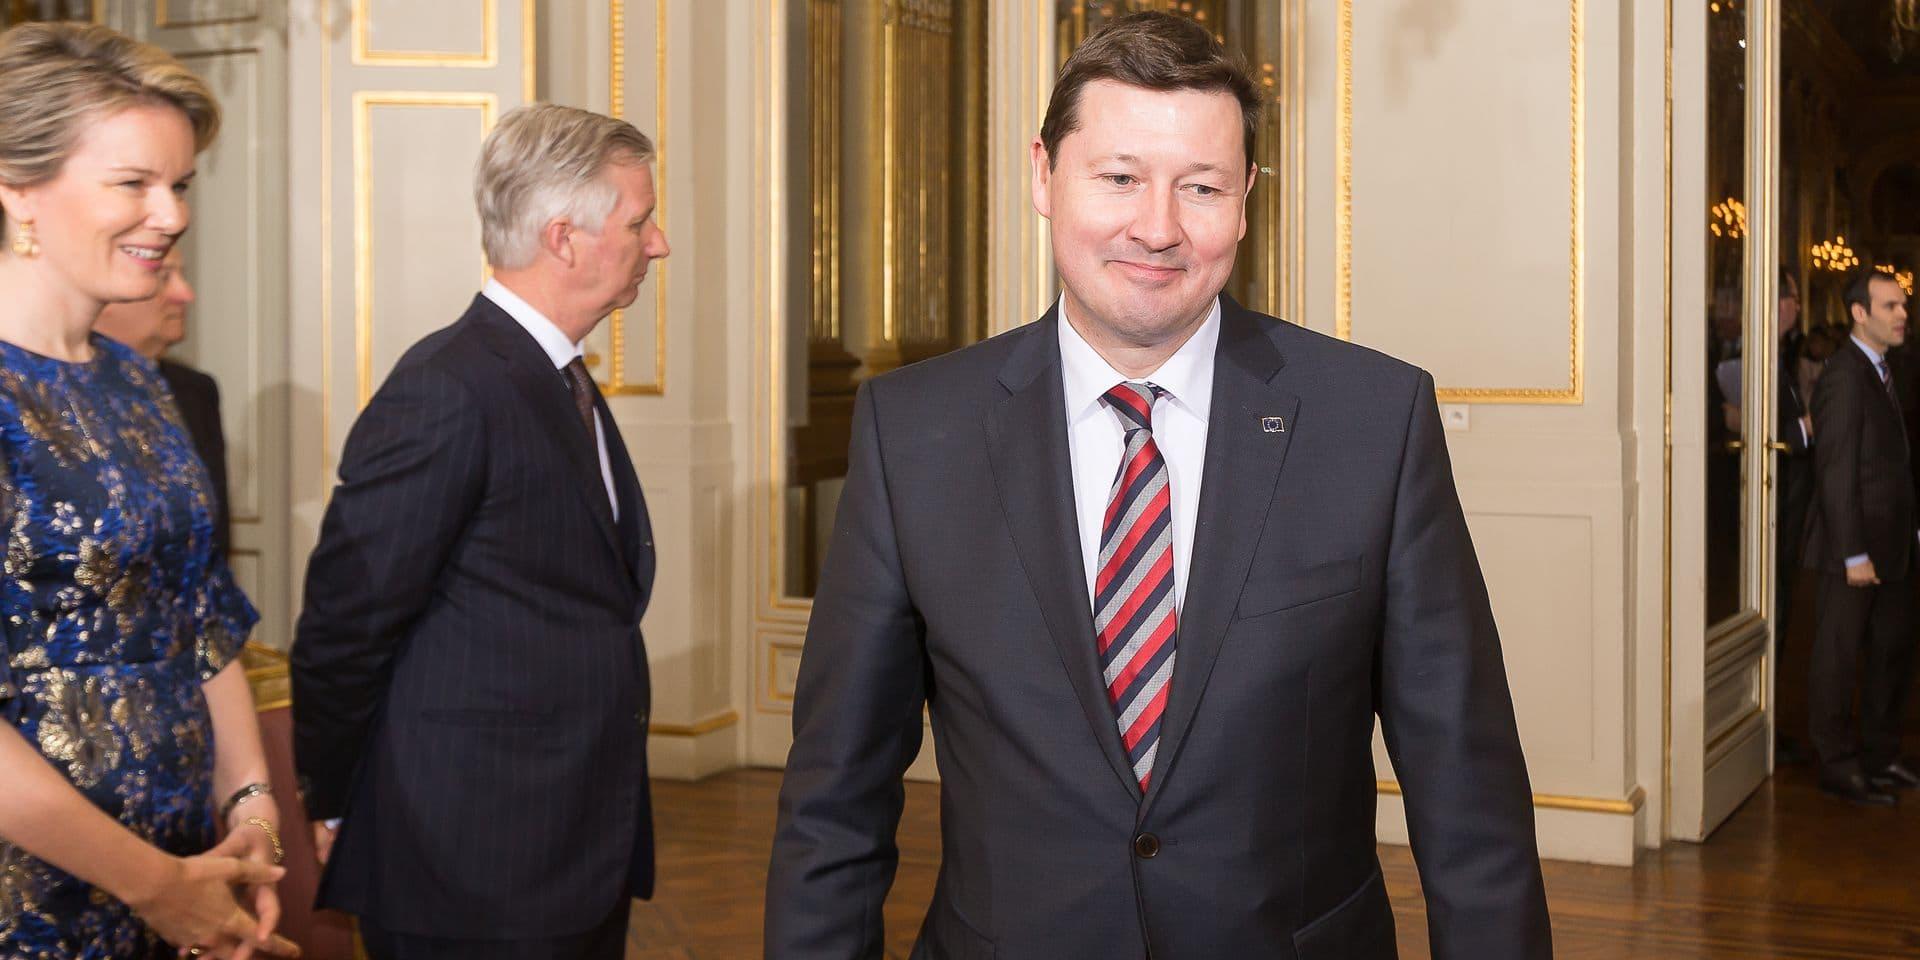 L'Allemand Martin Selmayr quittera la Commission européenne dès la semaine prochaine